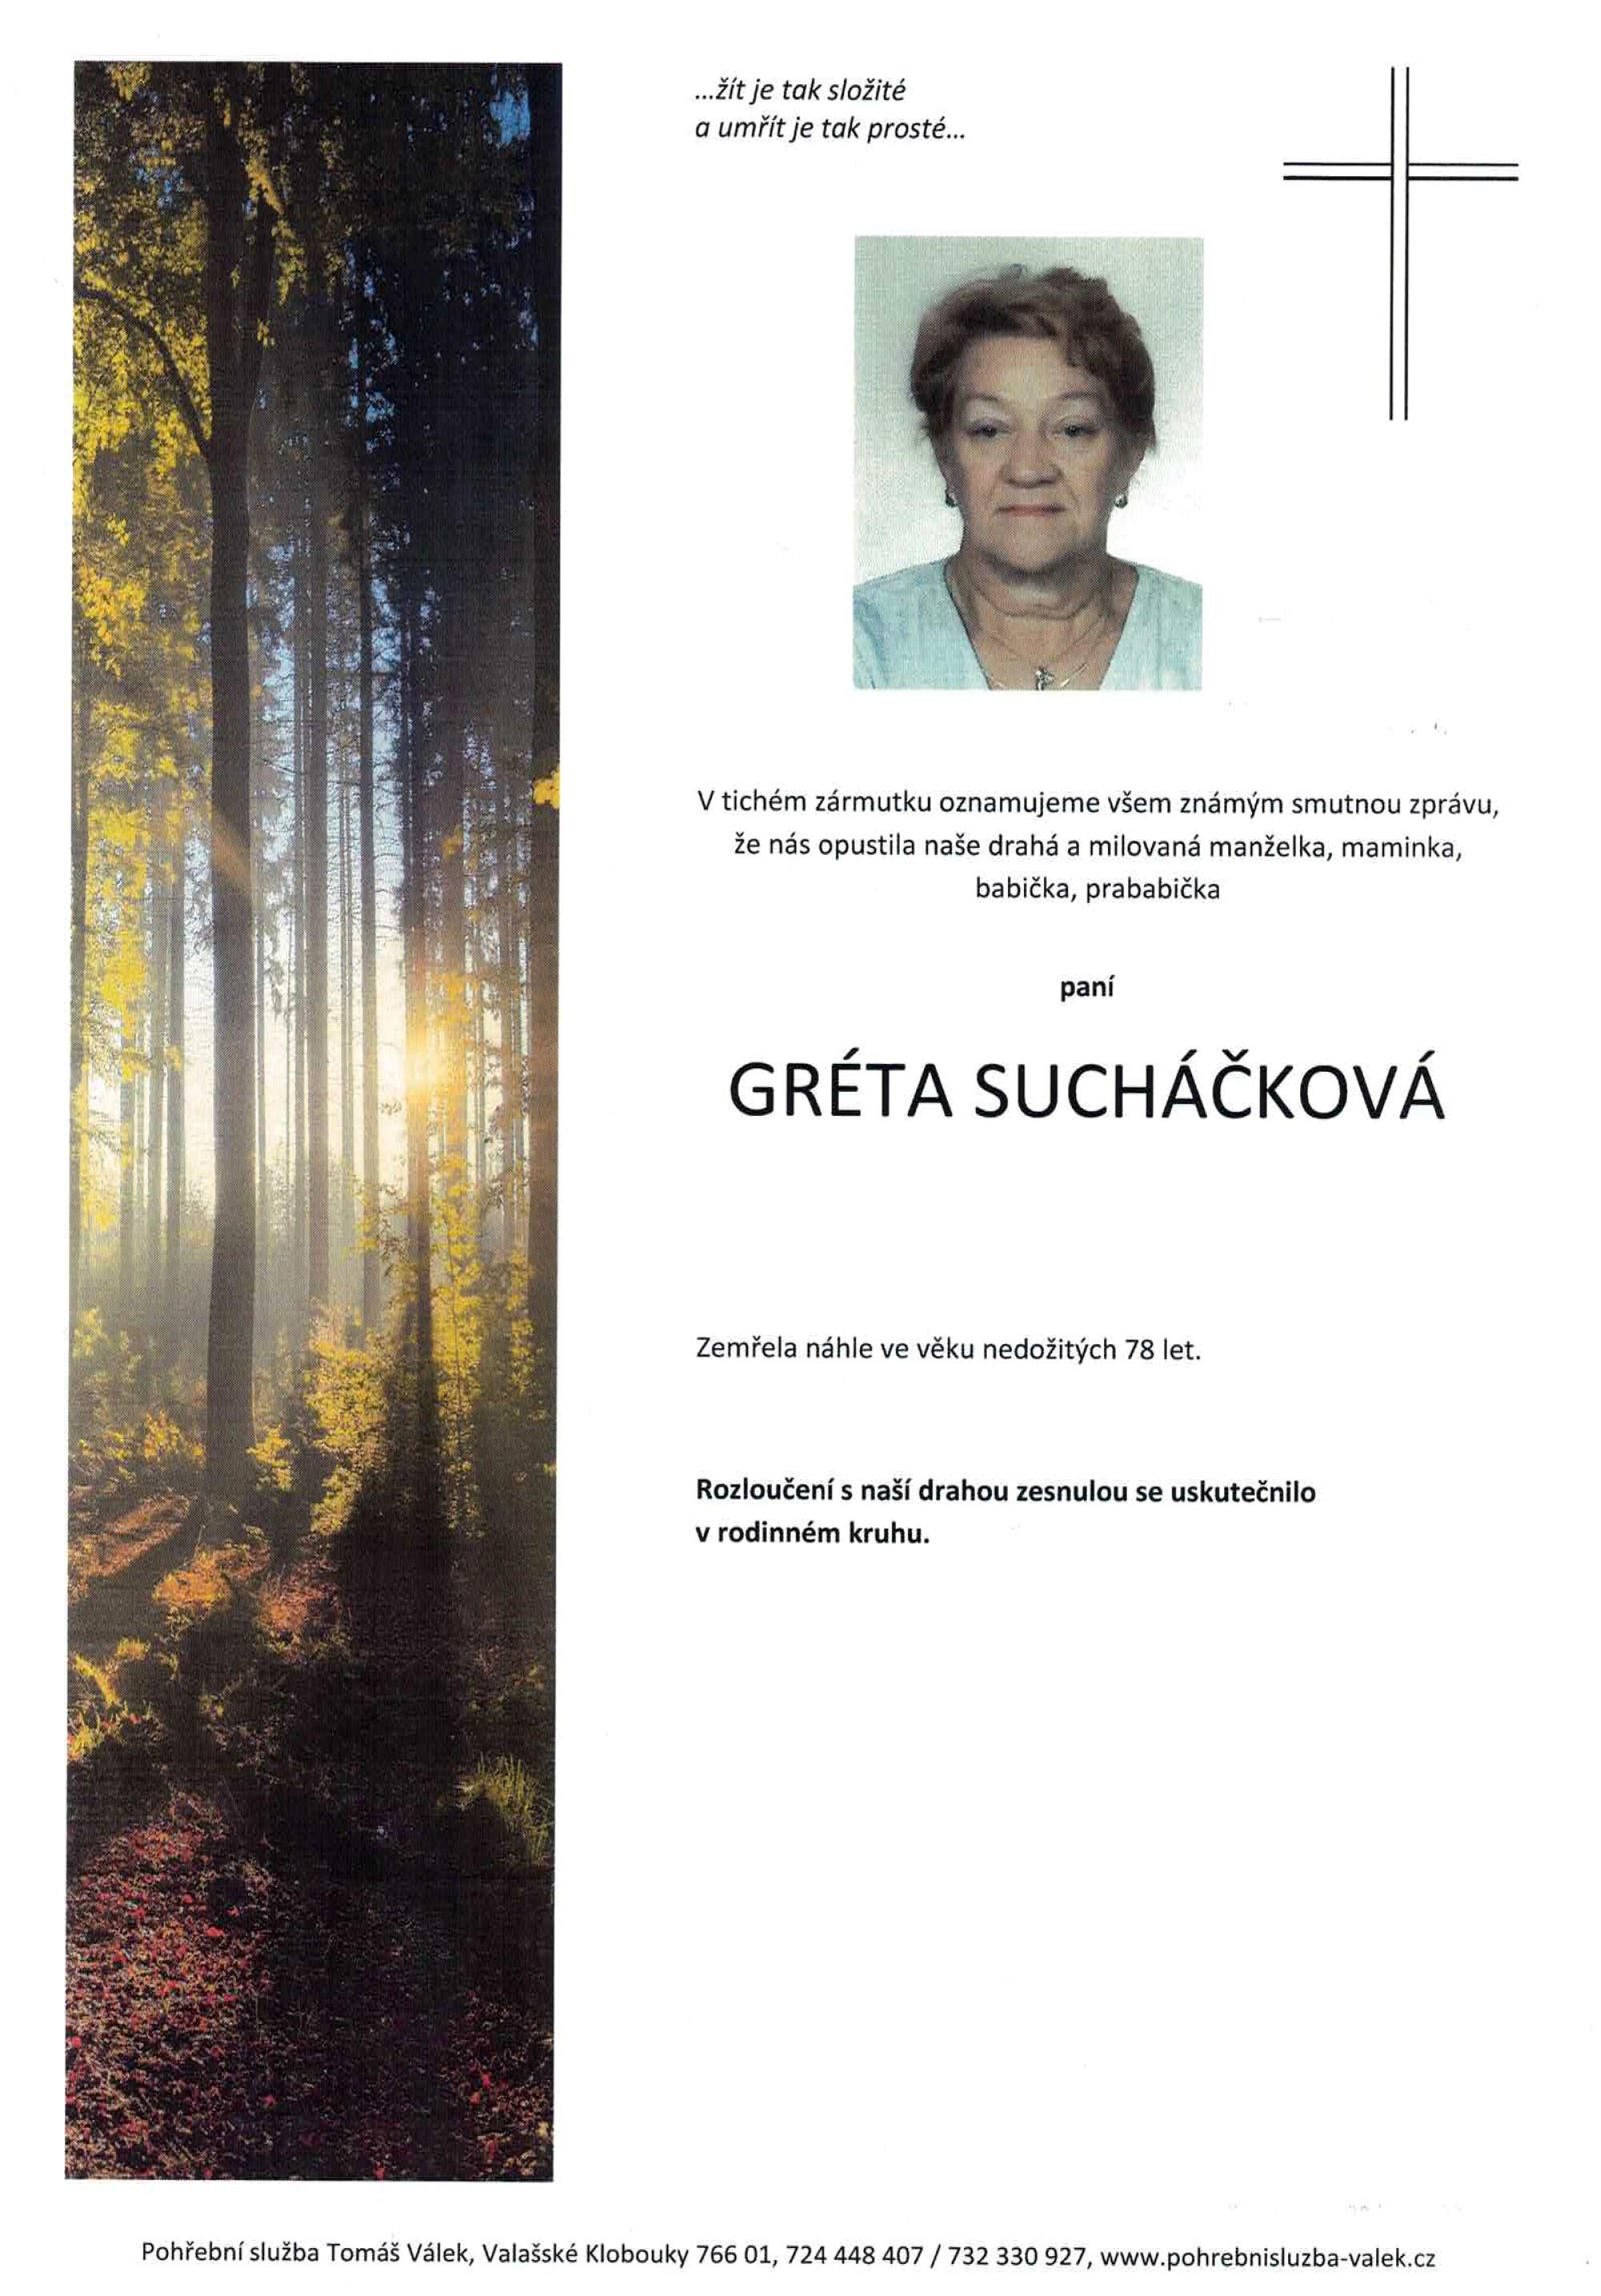 Gréta Sucháčková